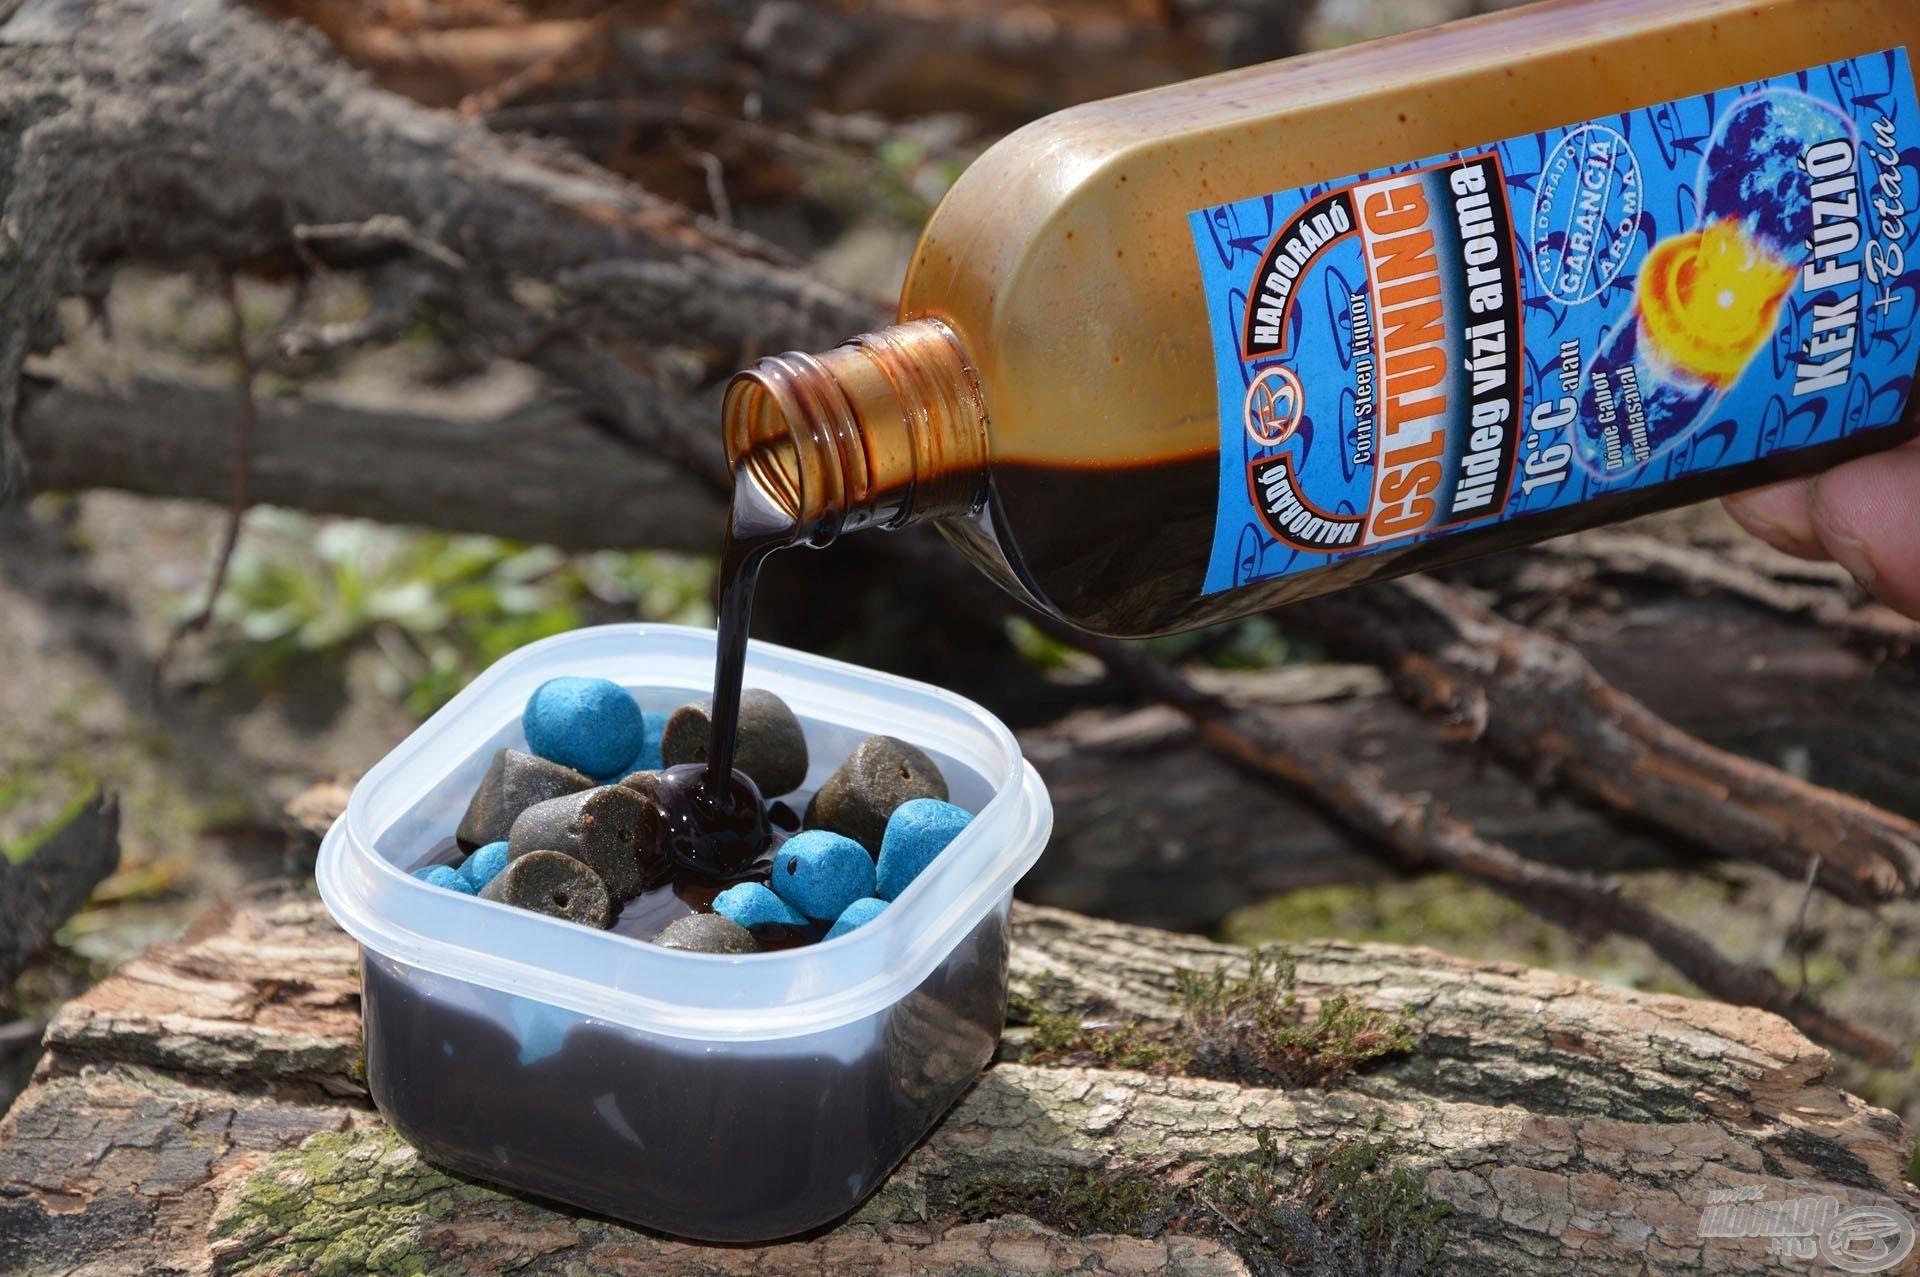 Ezeket egy külön dobozkába téve egységesen áztatom némi Kék Fúzió CSL Tuning aromába. Érdemes ezt már a horgászat előtt pár nappal elkészíteni, hogy a pellet szemek minél jobban magukba tudják szívni a csábító aromát!